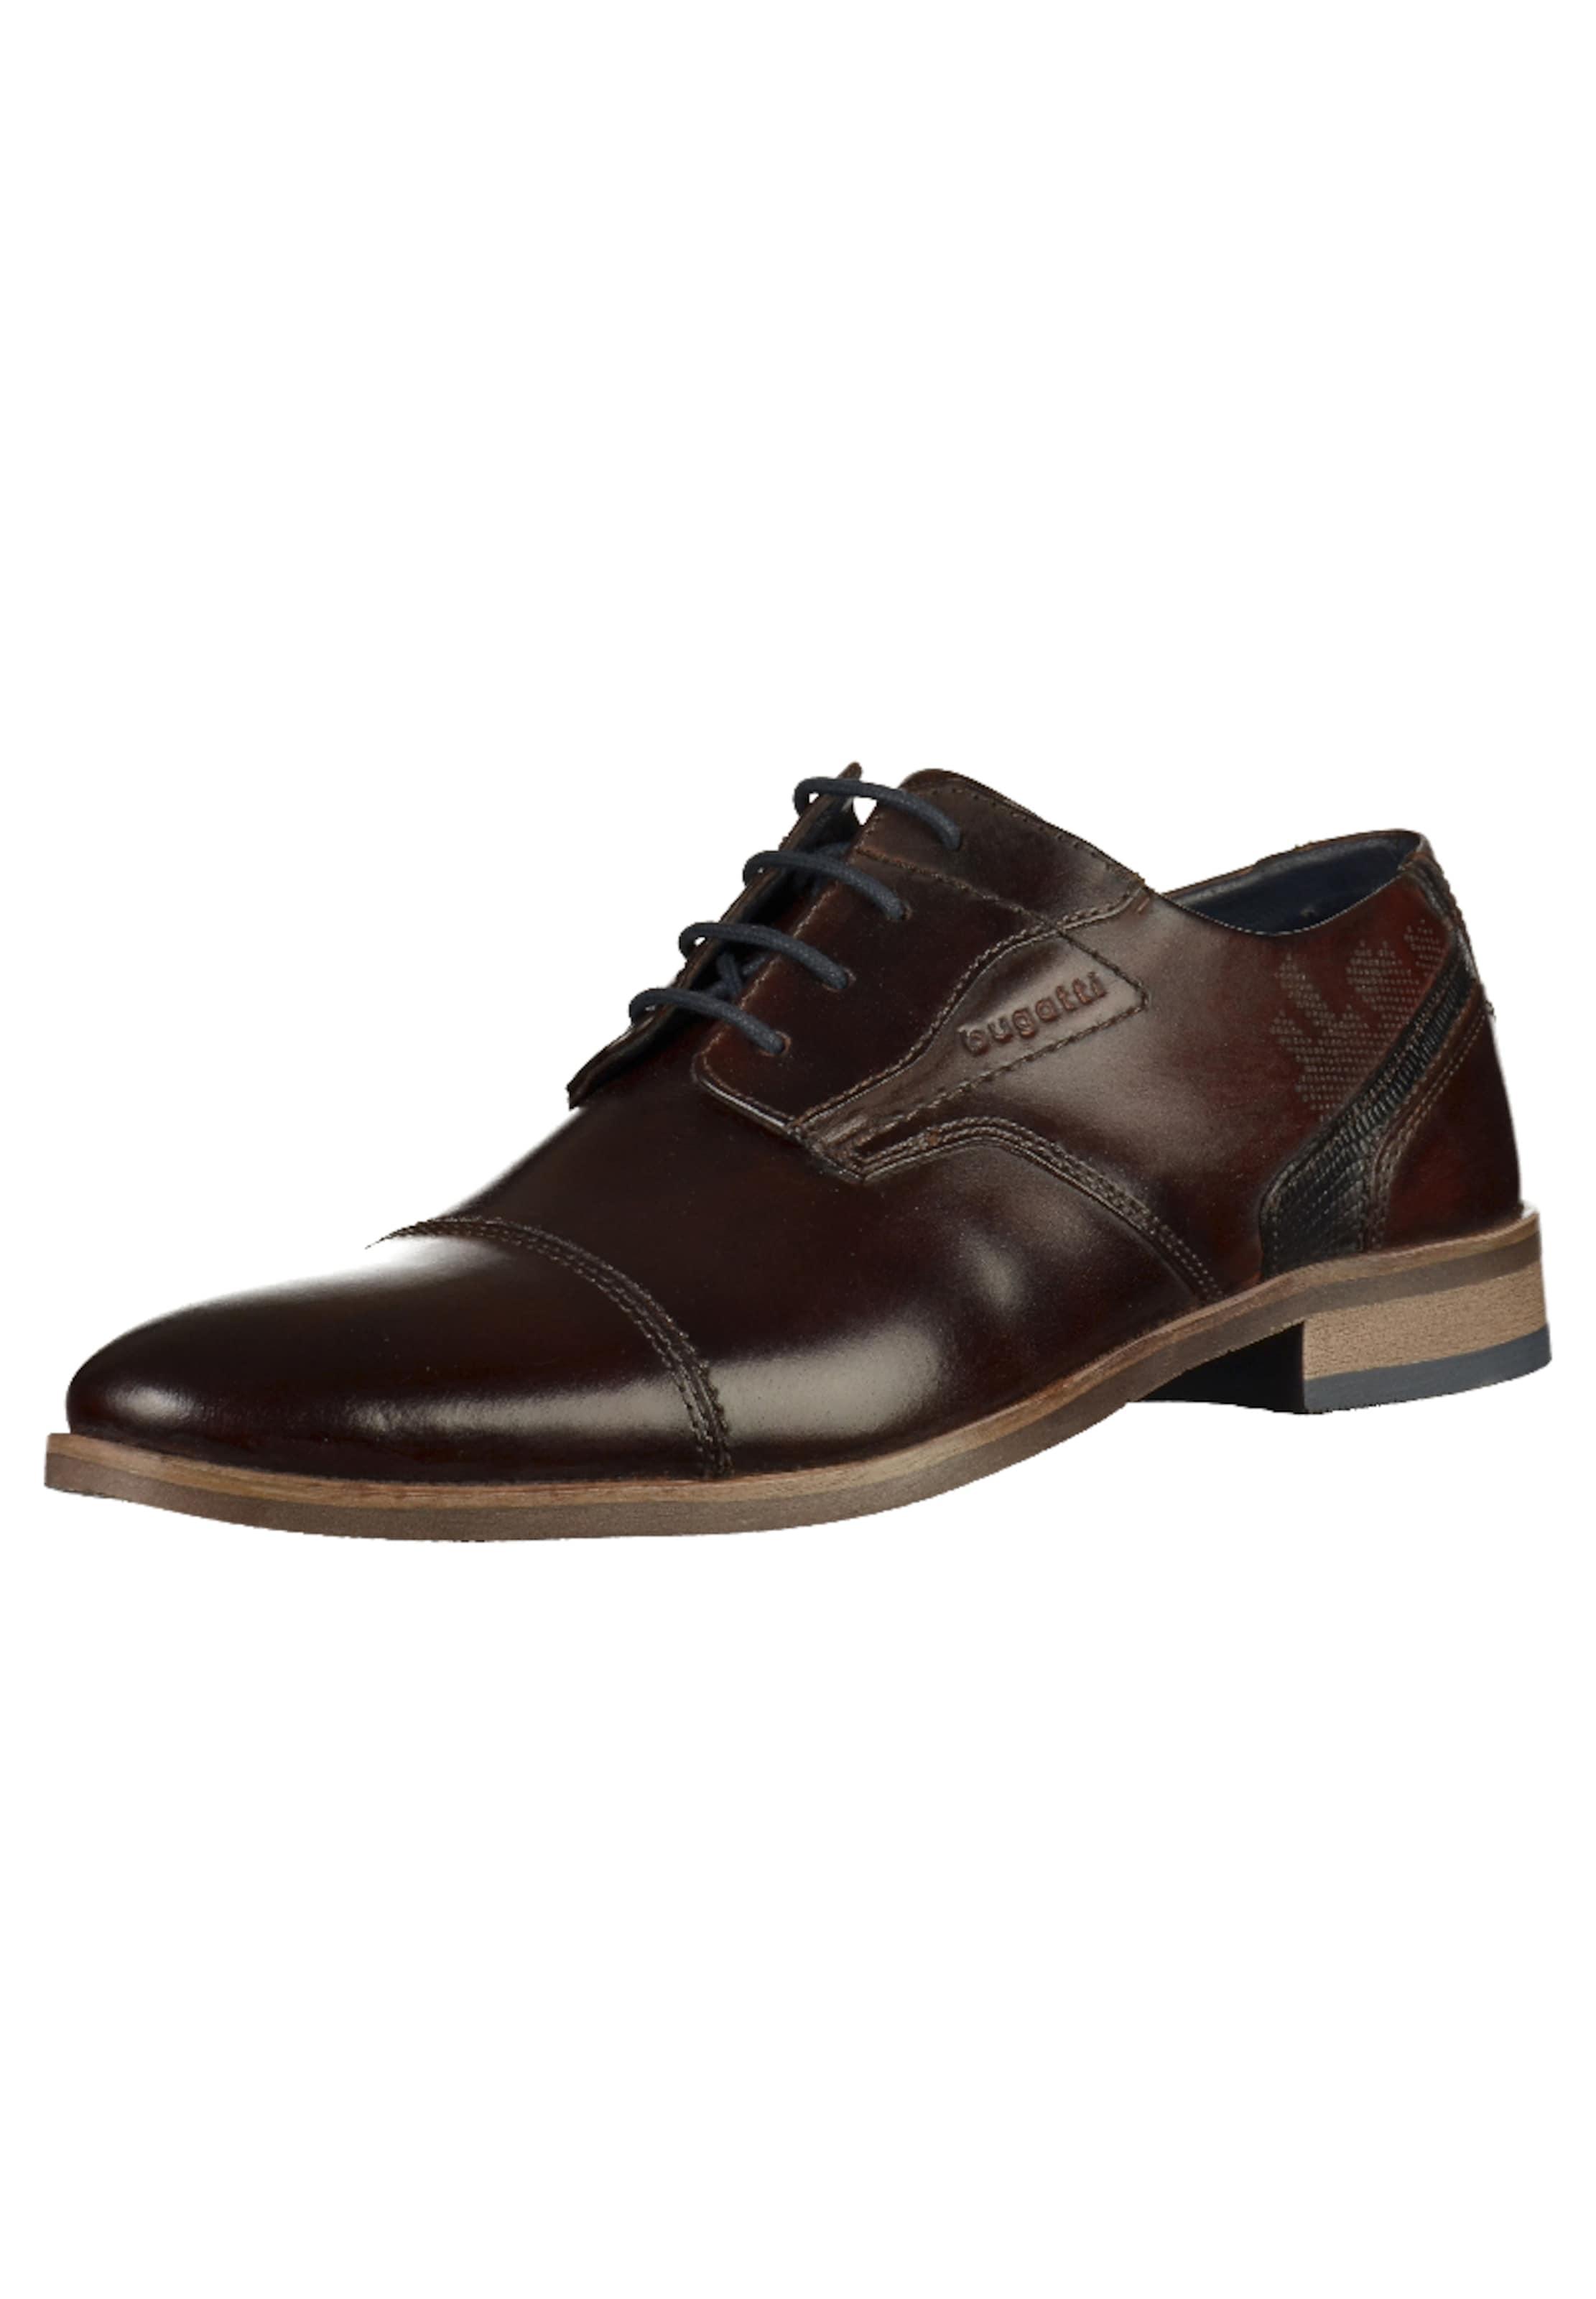 bugatti Businessschuhe Verschleißfeste billige Schuhe Hohe Qualität